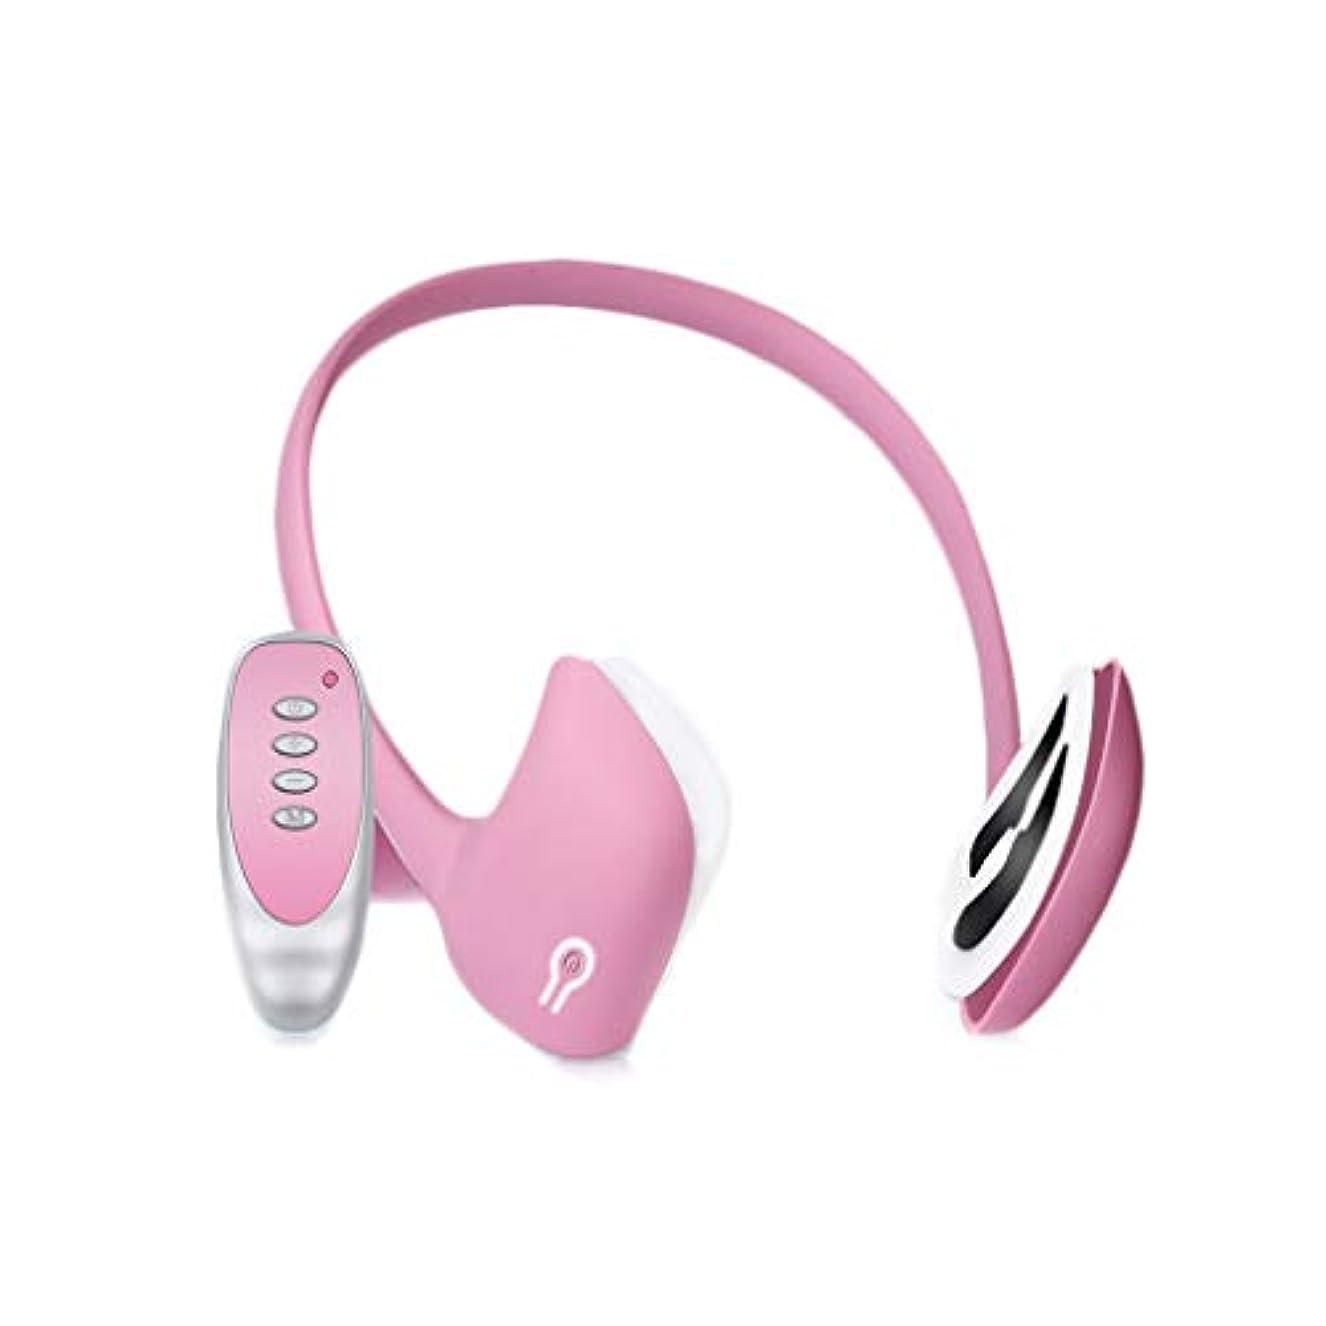 幸運な株式会社誘導XHLMRMJ フェイスリフティング器具、電動ツールマッサージャー、頬骨の薄い顔の引き締めの改善、フェイスブレース、多機能リフティング、男性と女性の両方に適しています (Color : Pink)